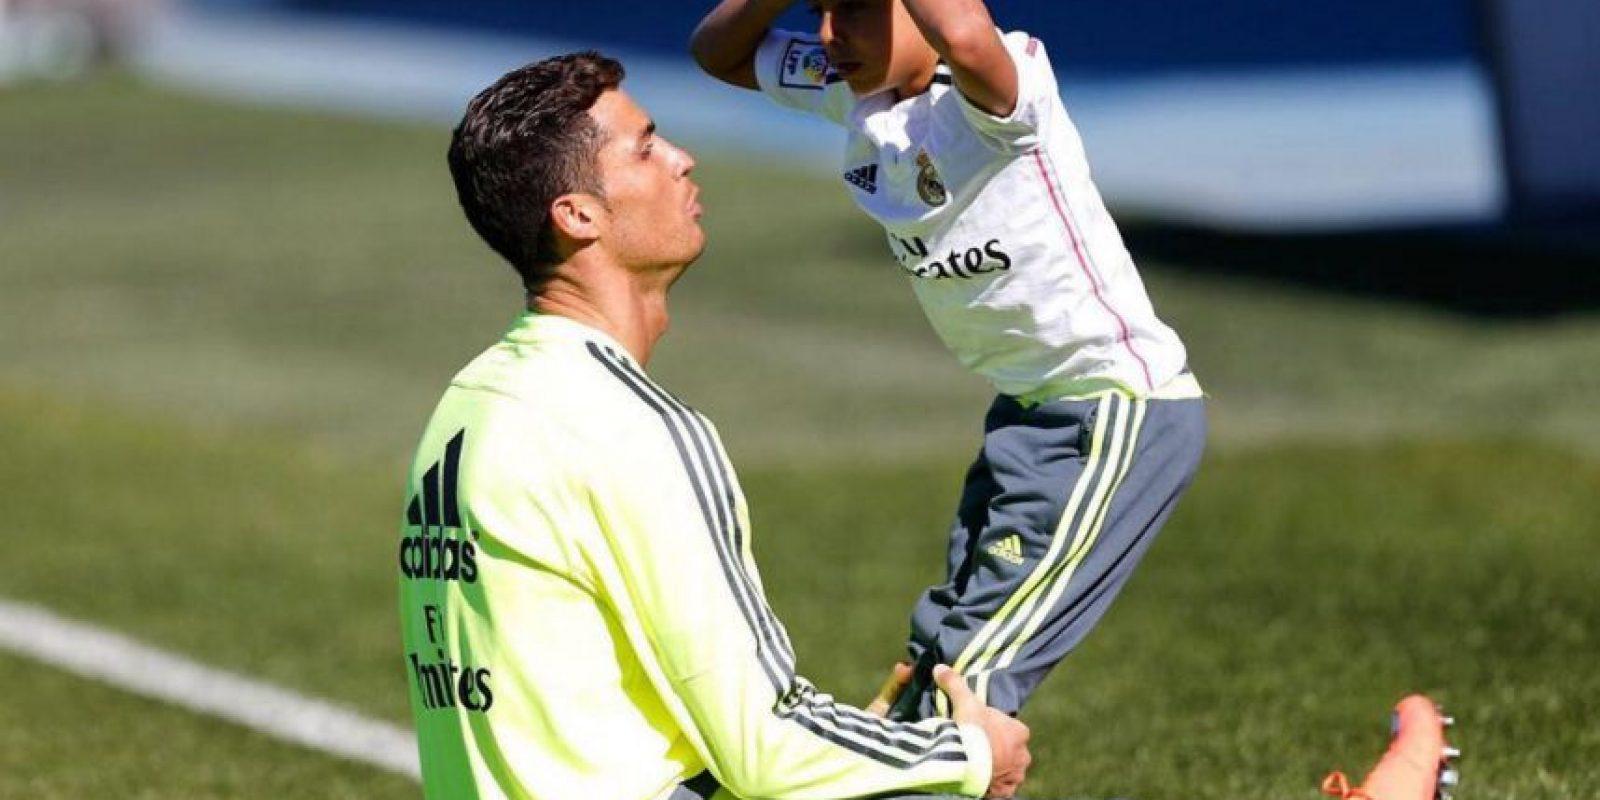 Cristiano Ronaldo siempre ha demostrado ser muy unido con su hijo. Foto:Vía instagram.com/Cristiano